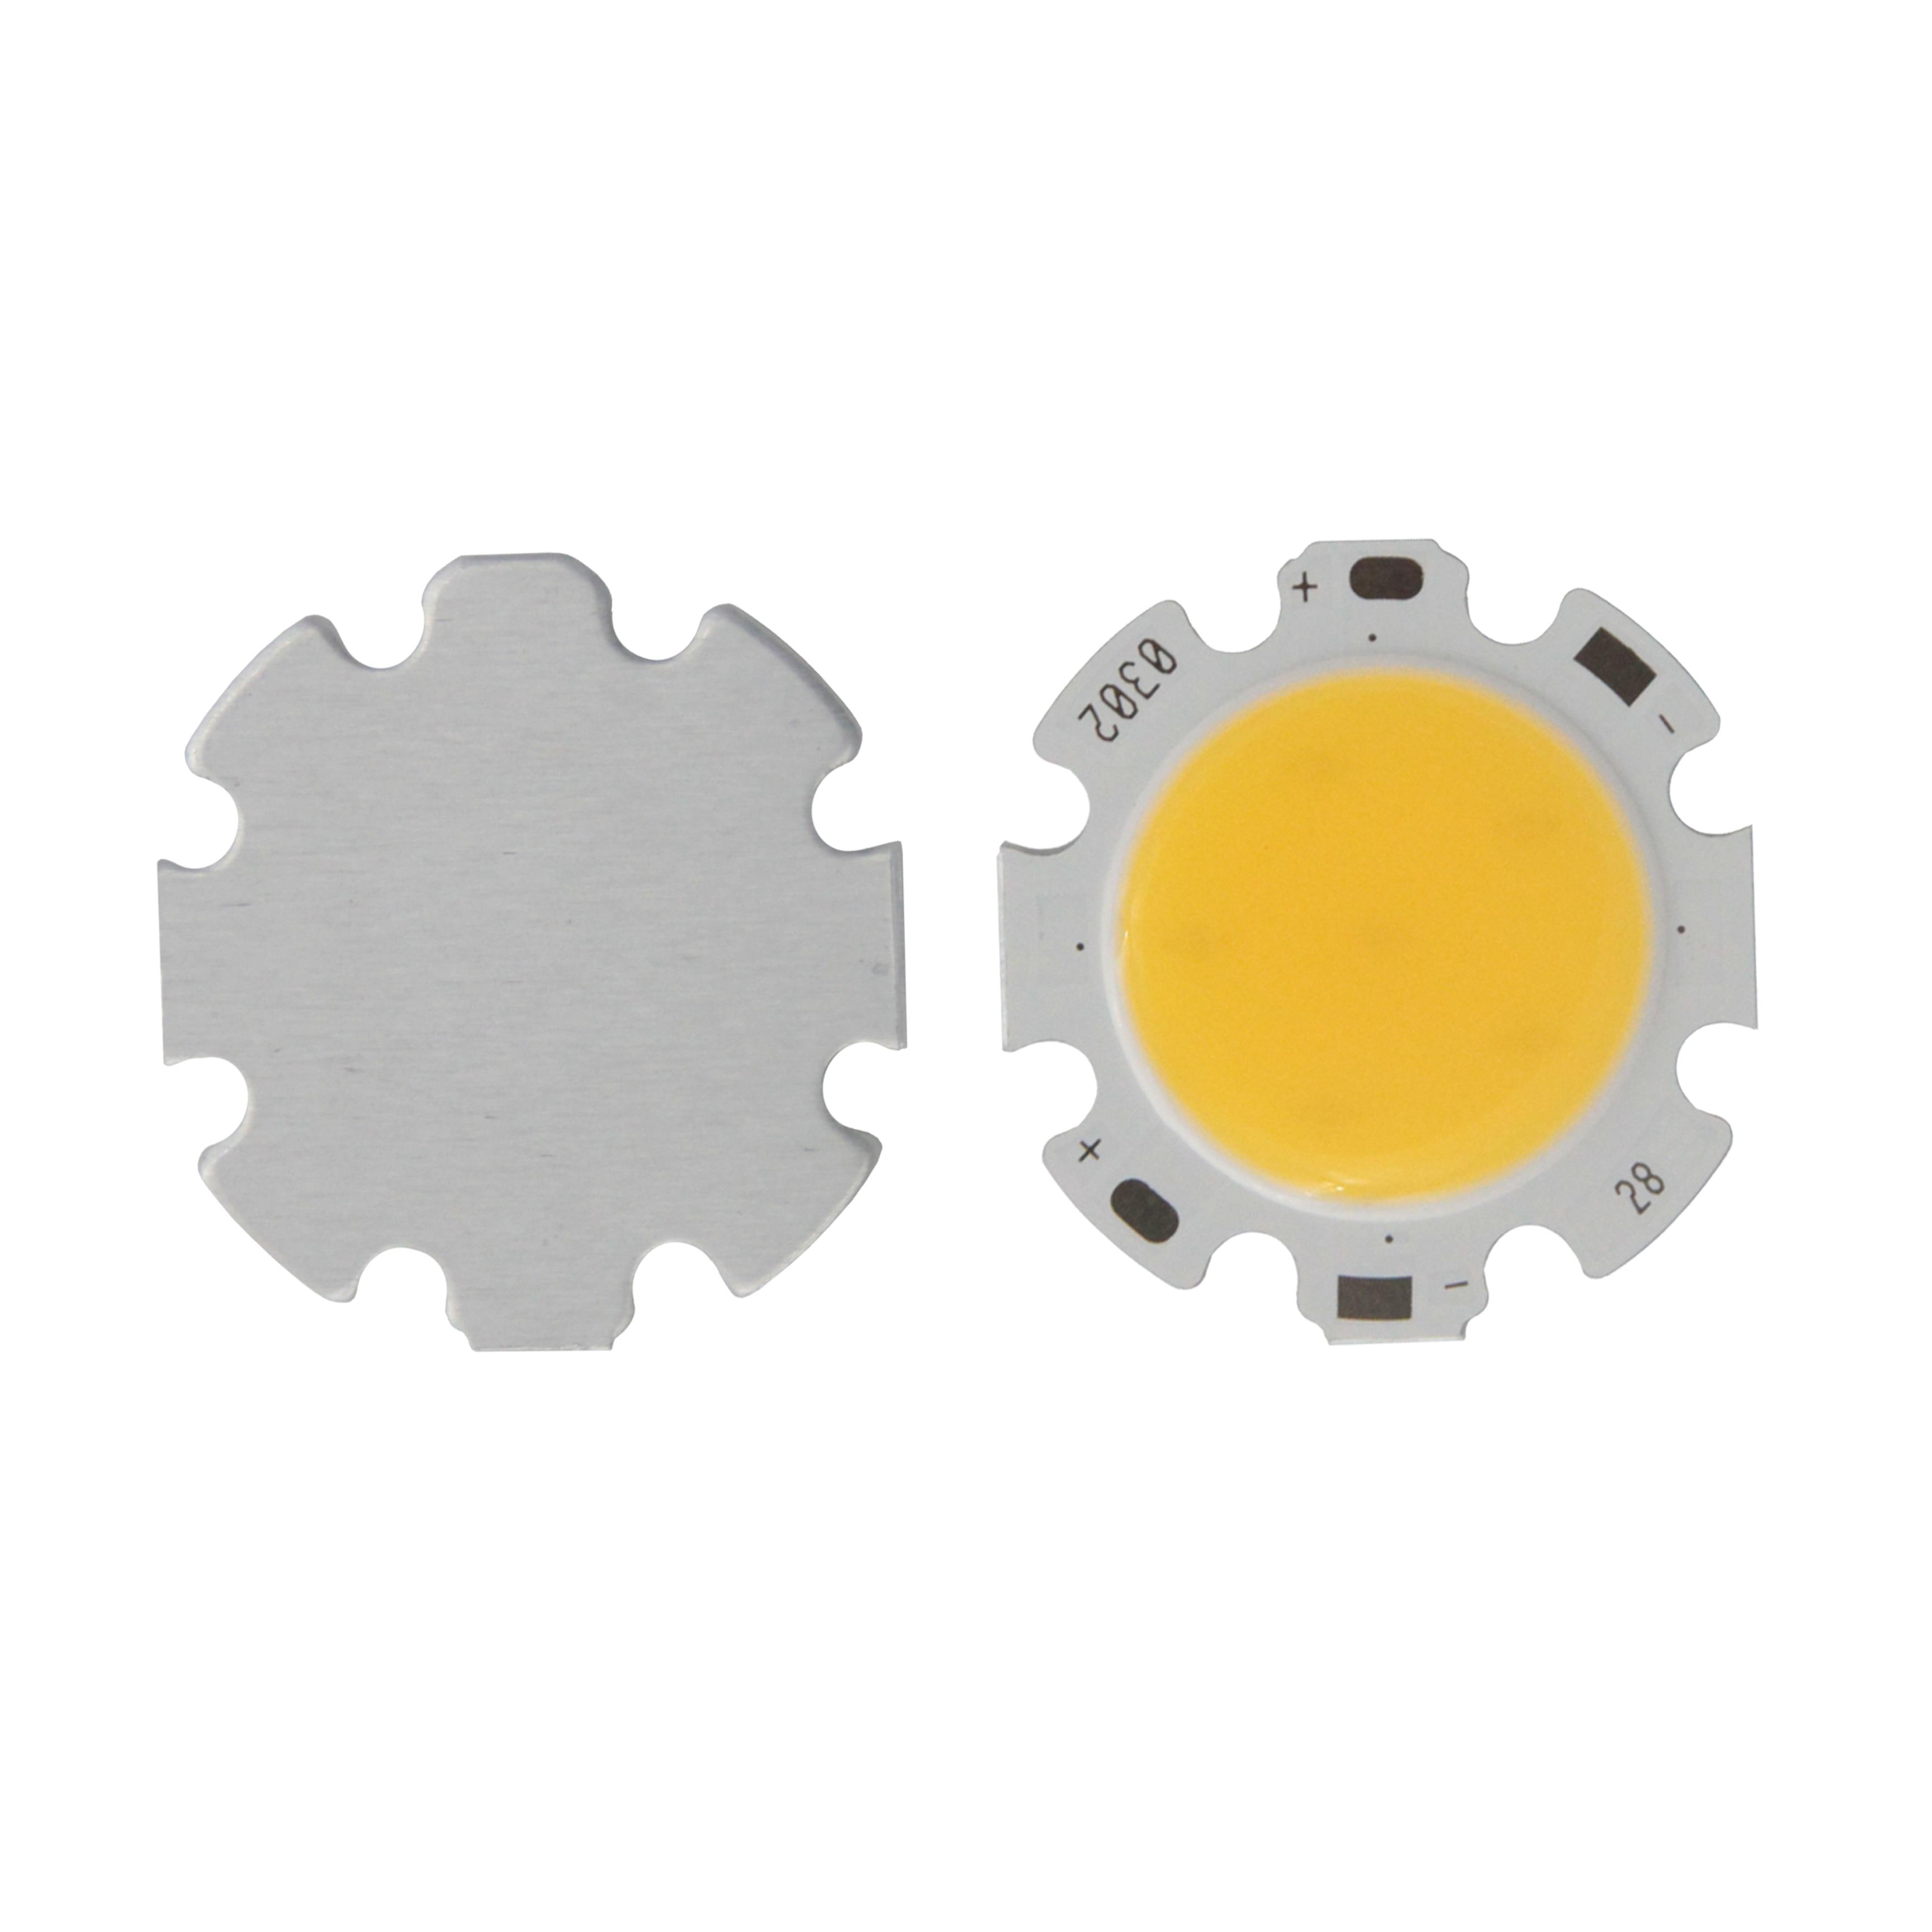 10 piezas en oferta 28mm 20mm redondo de aluminio LED COB módulo de fuente de luz 3 W 5 W 7 W 10 W 12 W COB bombilla Flip chips para proyector